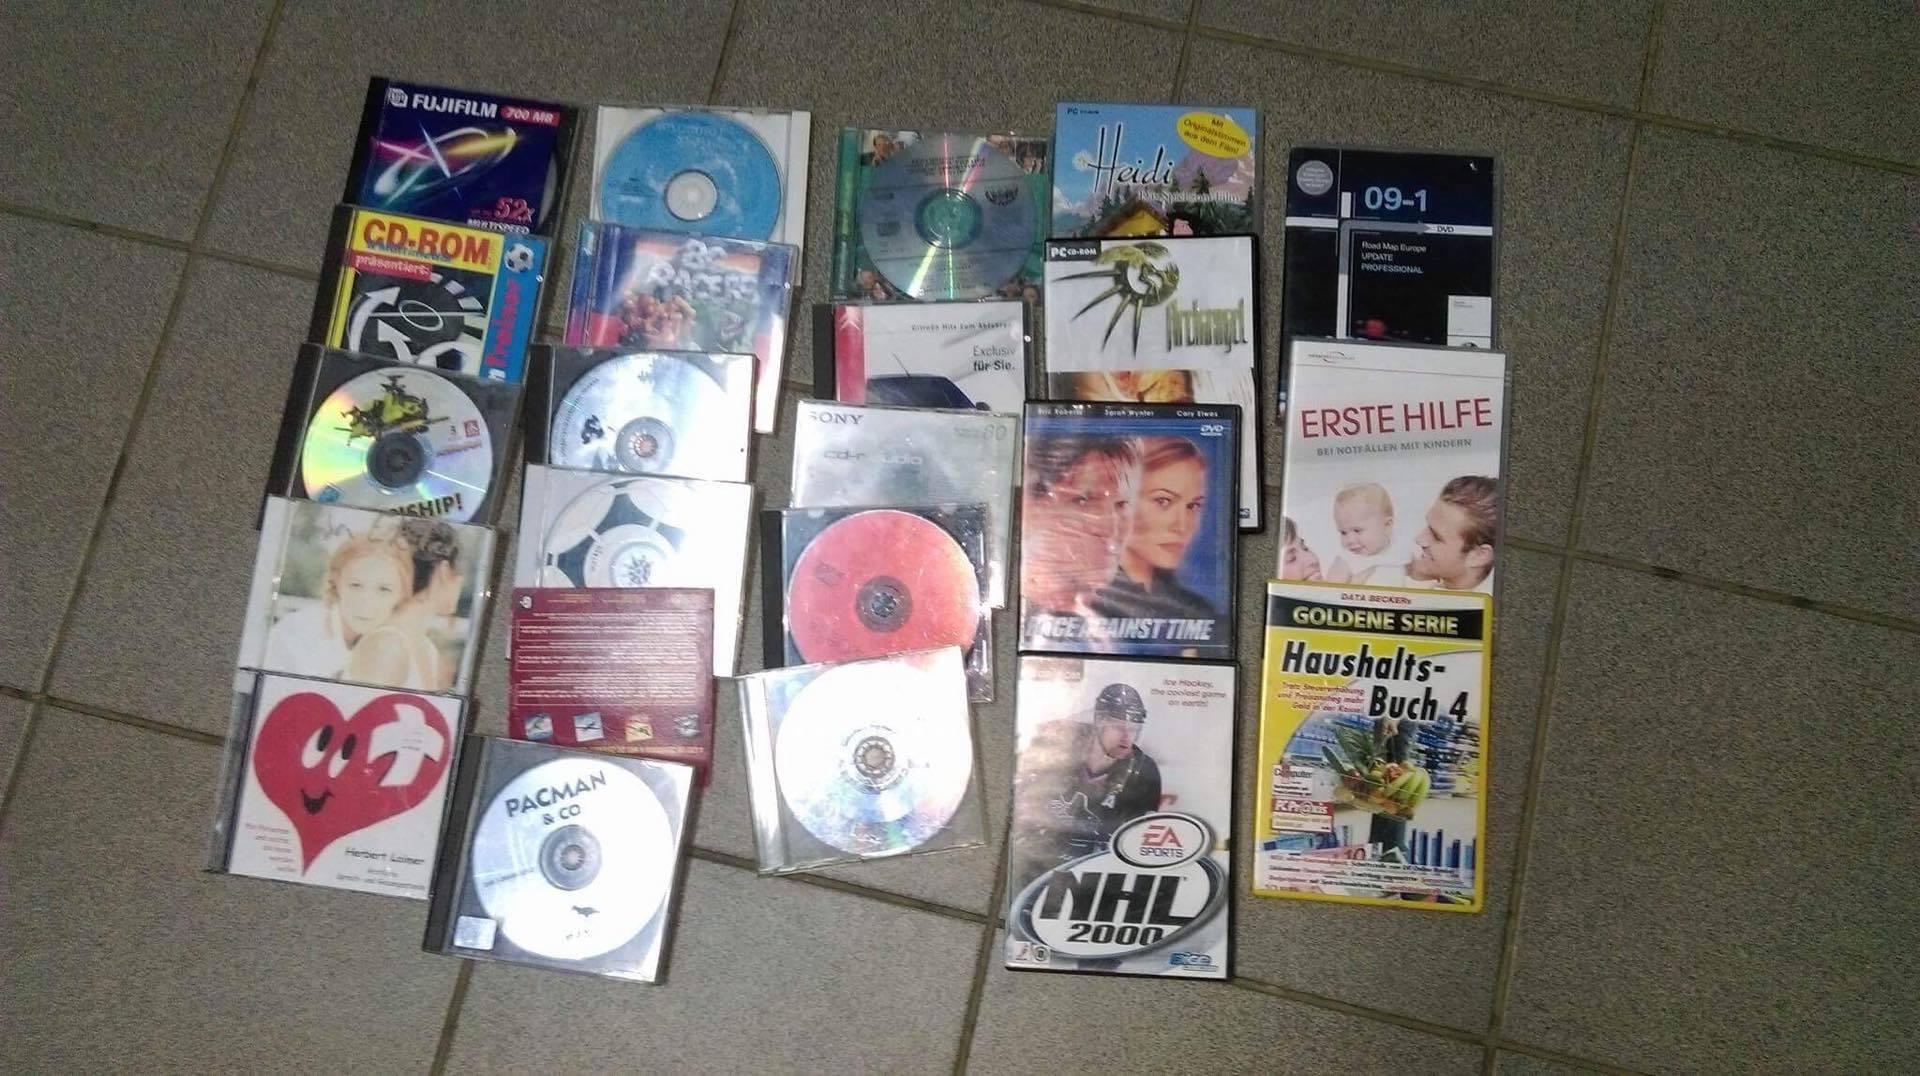 Ce a pățit un bărbat care vroia să vândă CD-uri contrafăcute în piața din Beclean